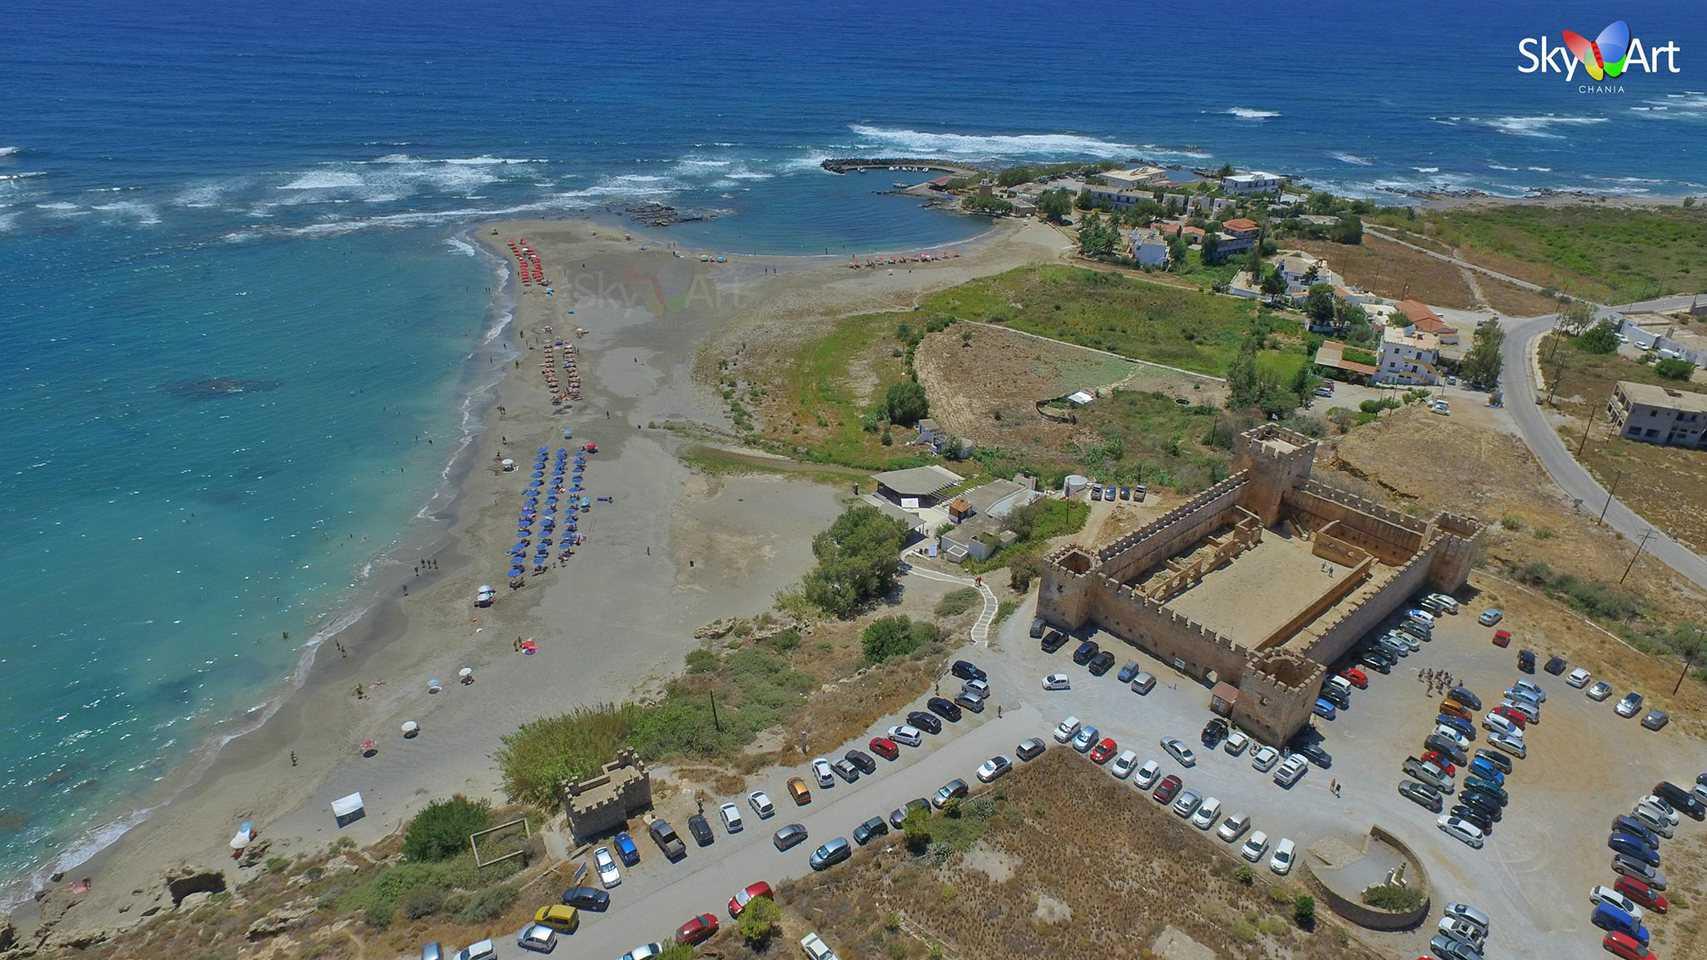 Χανιά: Το μεσαιωνικό κάστρο και η παραλία του Φραγκοκάστελου από ψηλά Μοναδικό βίντεο